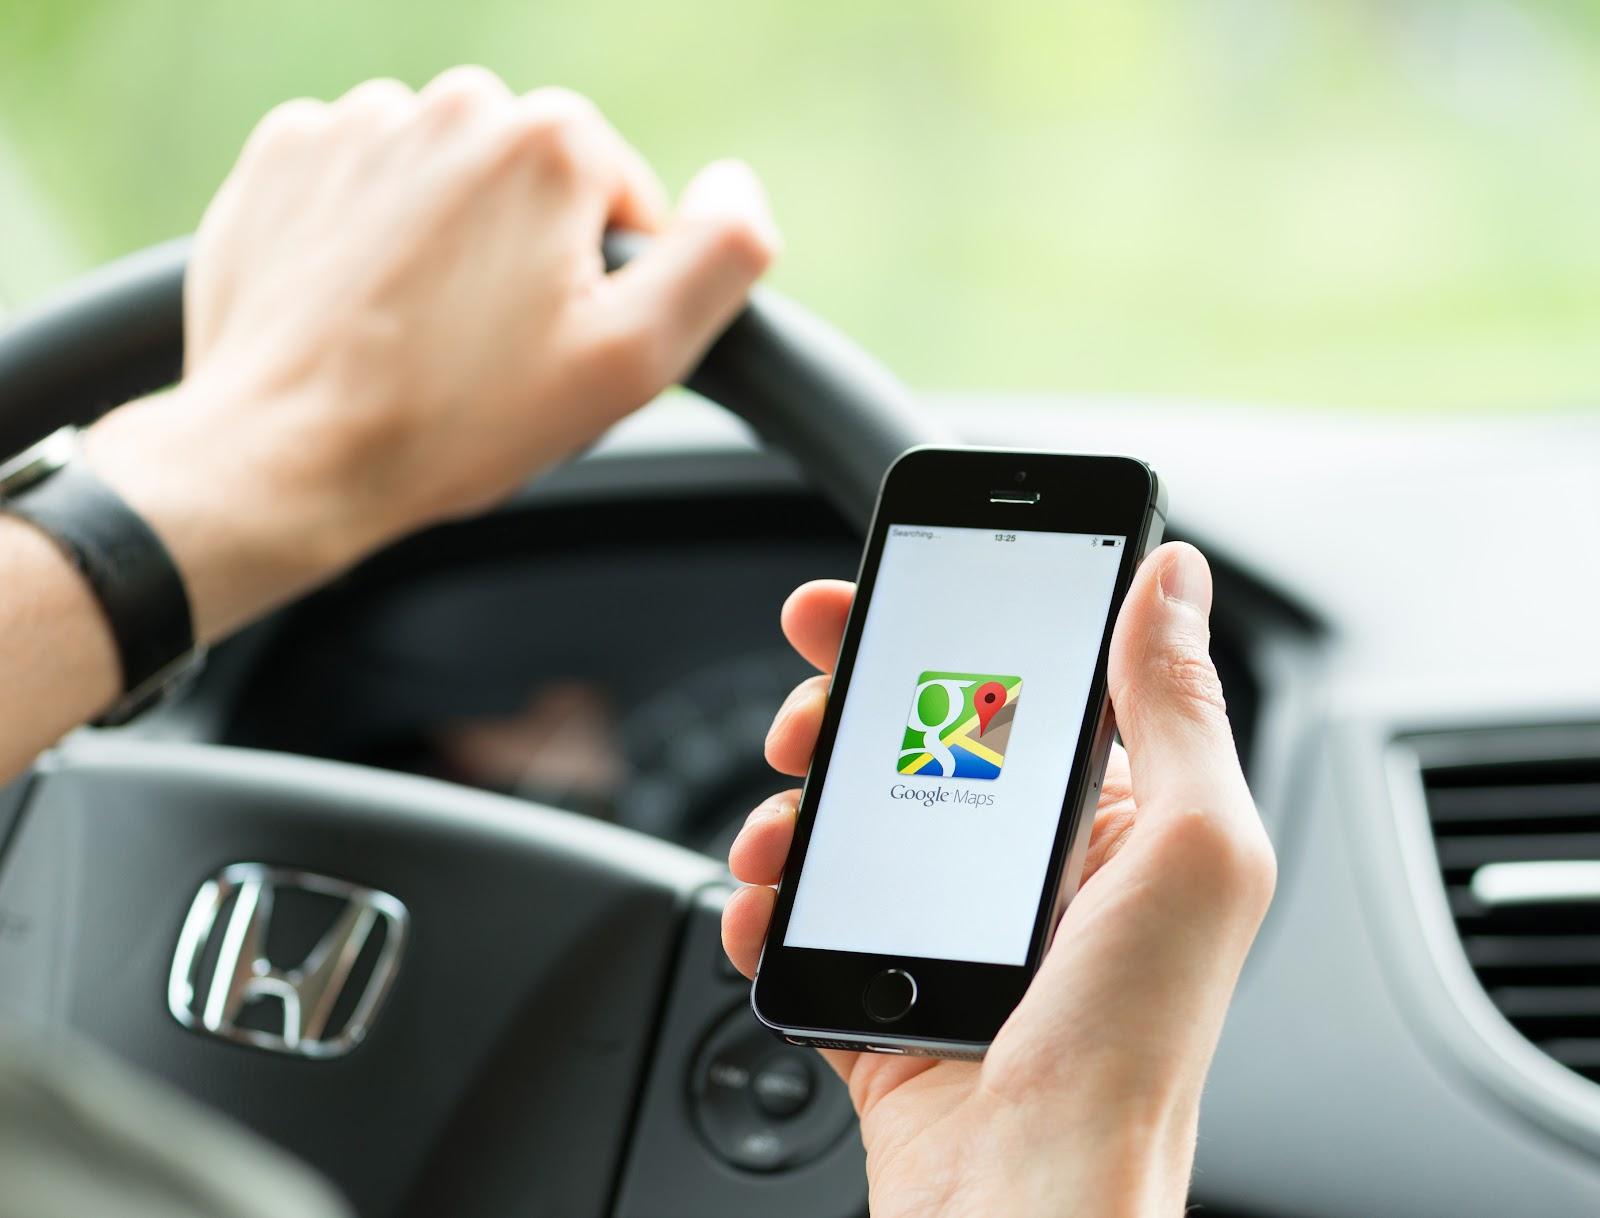 Homem dentro do carro olhando celular que está abrindo o google maps